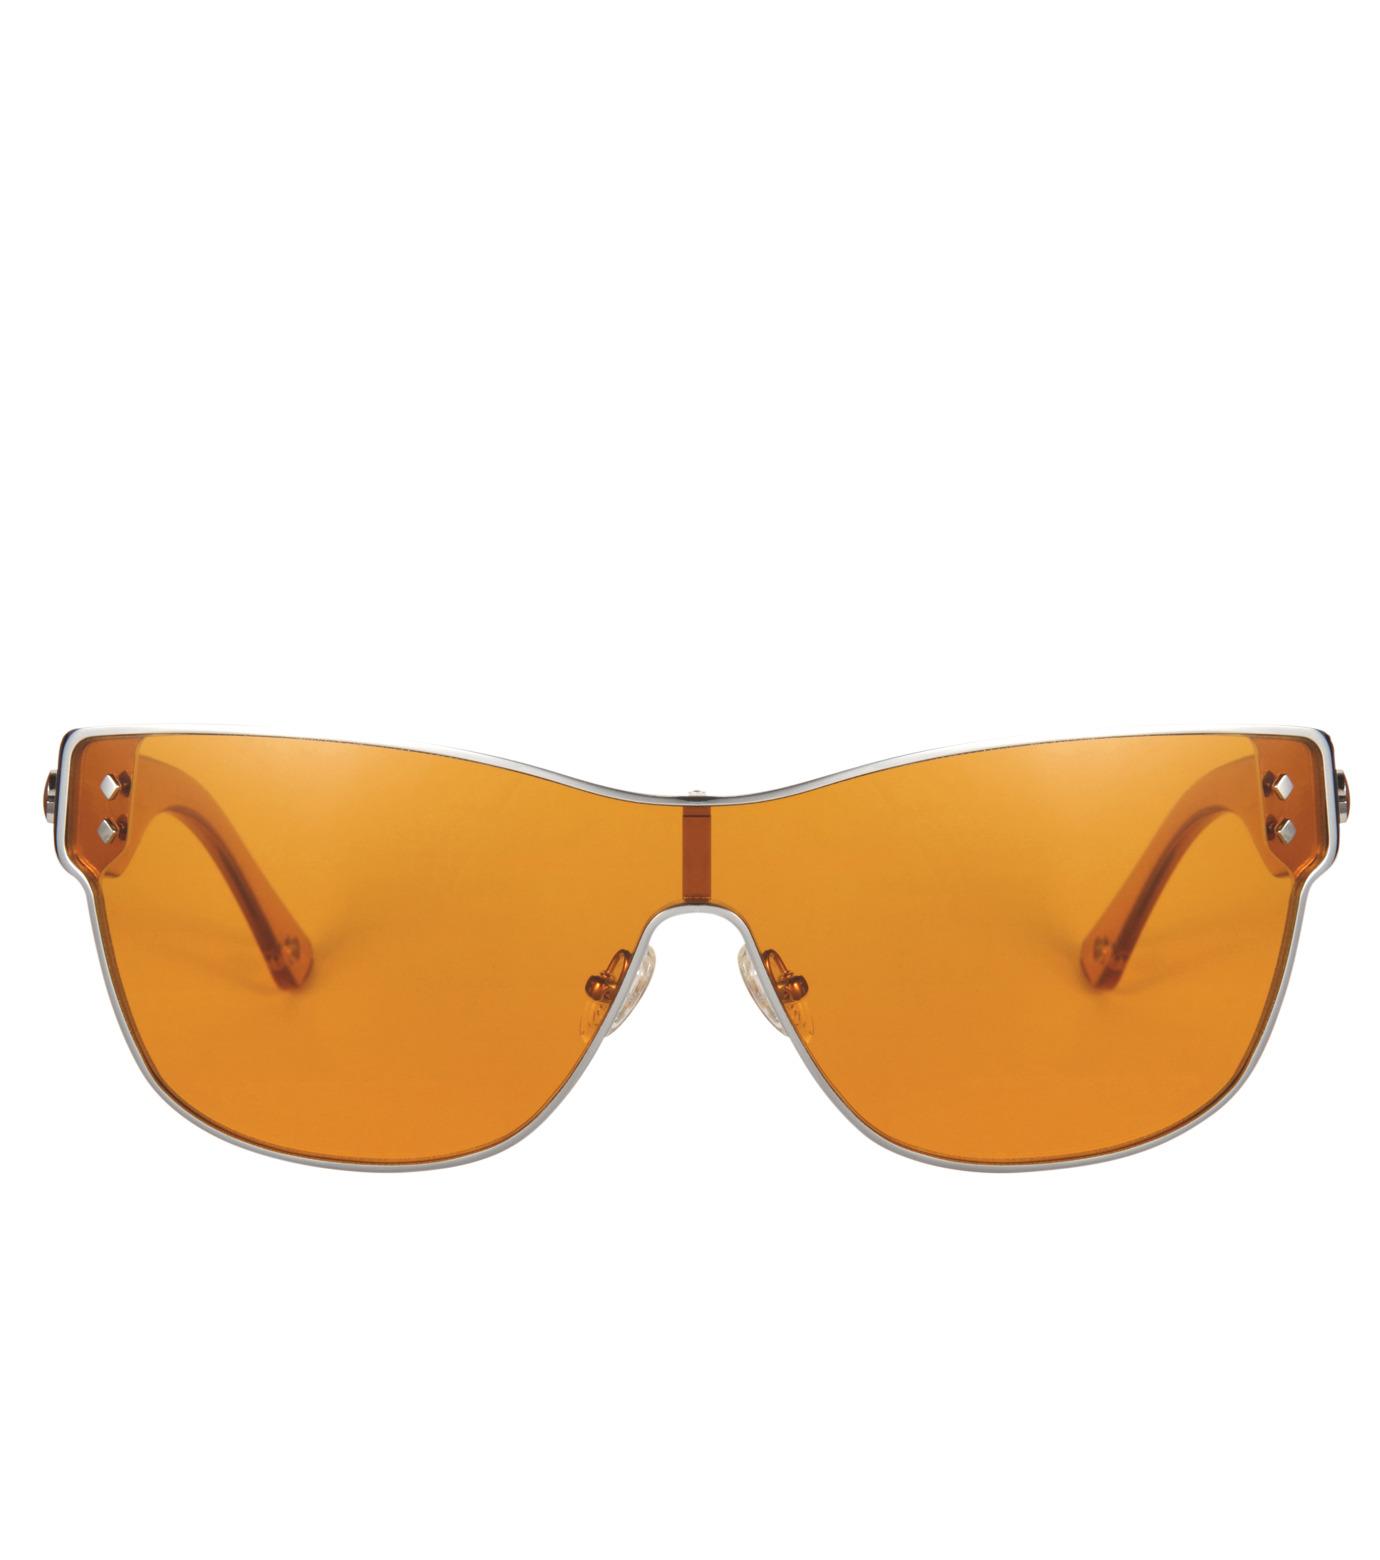 Moncler Eyewear(モンクレールアイウェア)のEYEWEAR-YELLOW(アイウェア/eyewear)-MC522-32 拡大詳細画像3